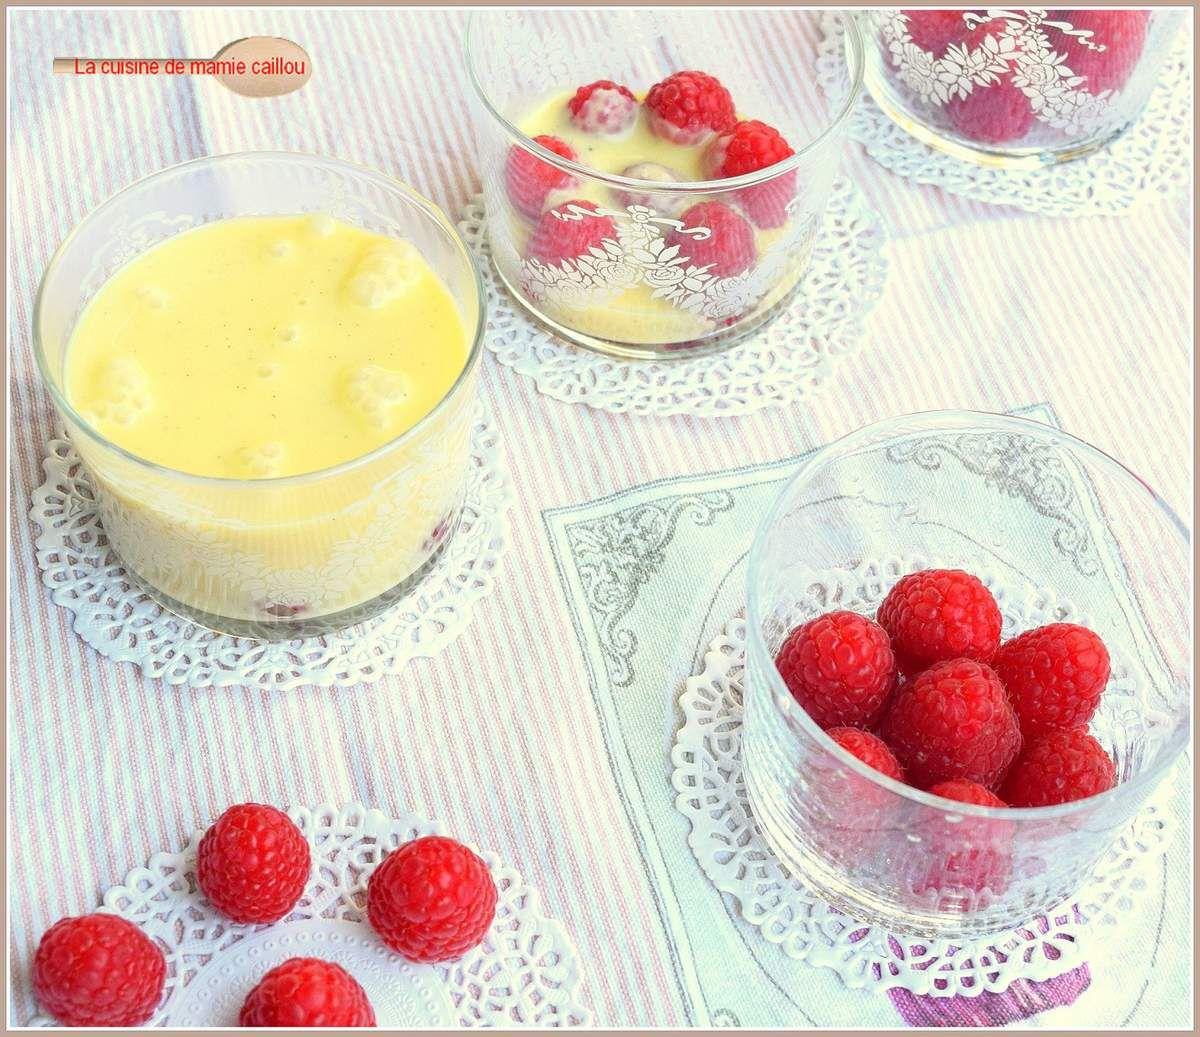 Crèmes merveilleuses au chocolat blanc et aux framboises